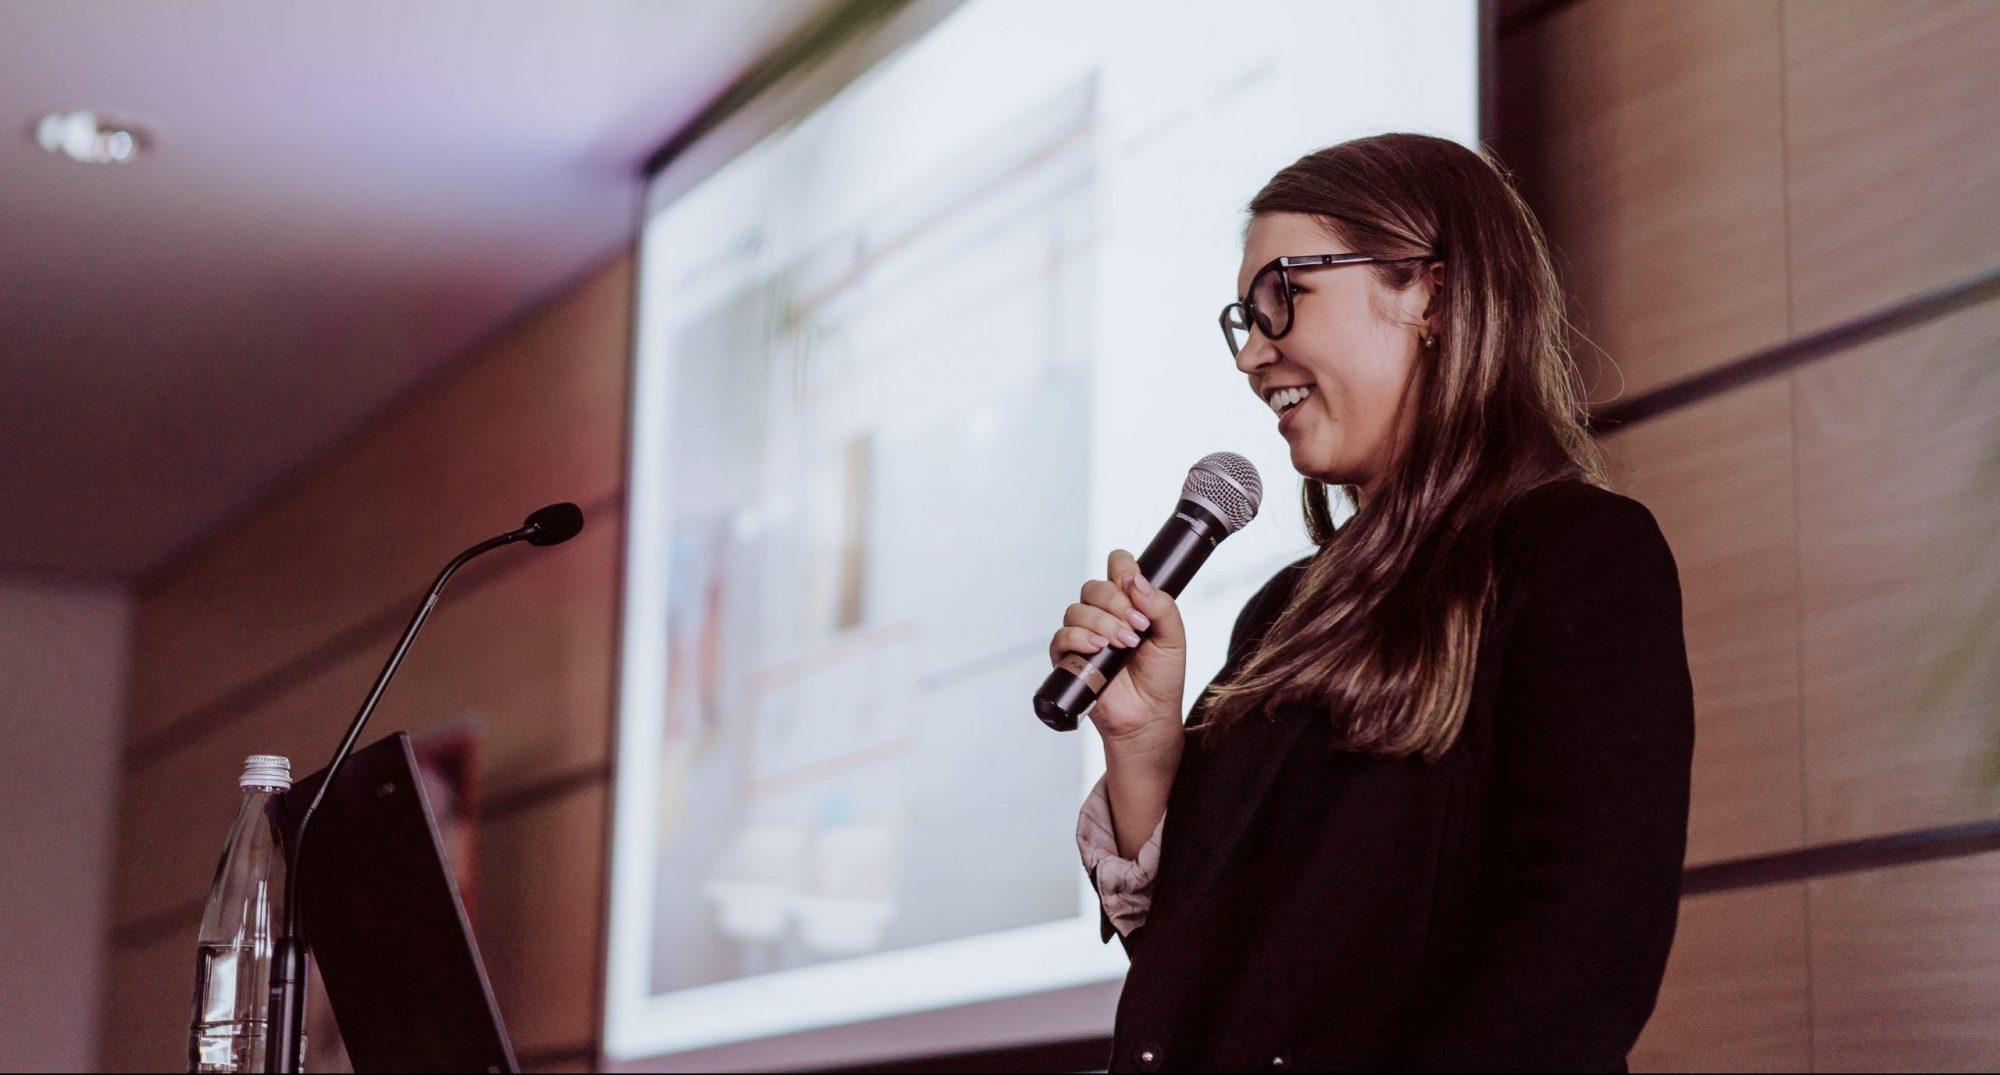 Auf der Bühne der Female's Favour{IT}e Conference 2019. Copyright der Bilder: Hackerstolz e.V. und NEXT MANNHEIM.